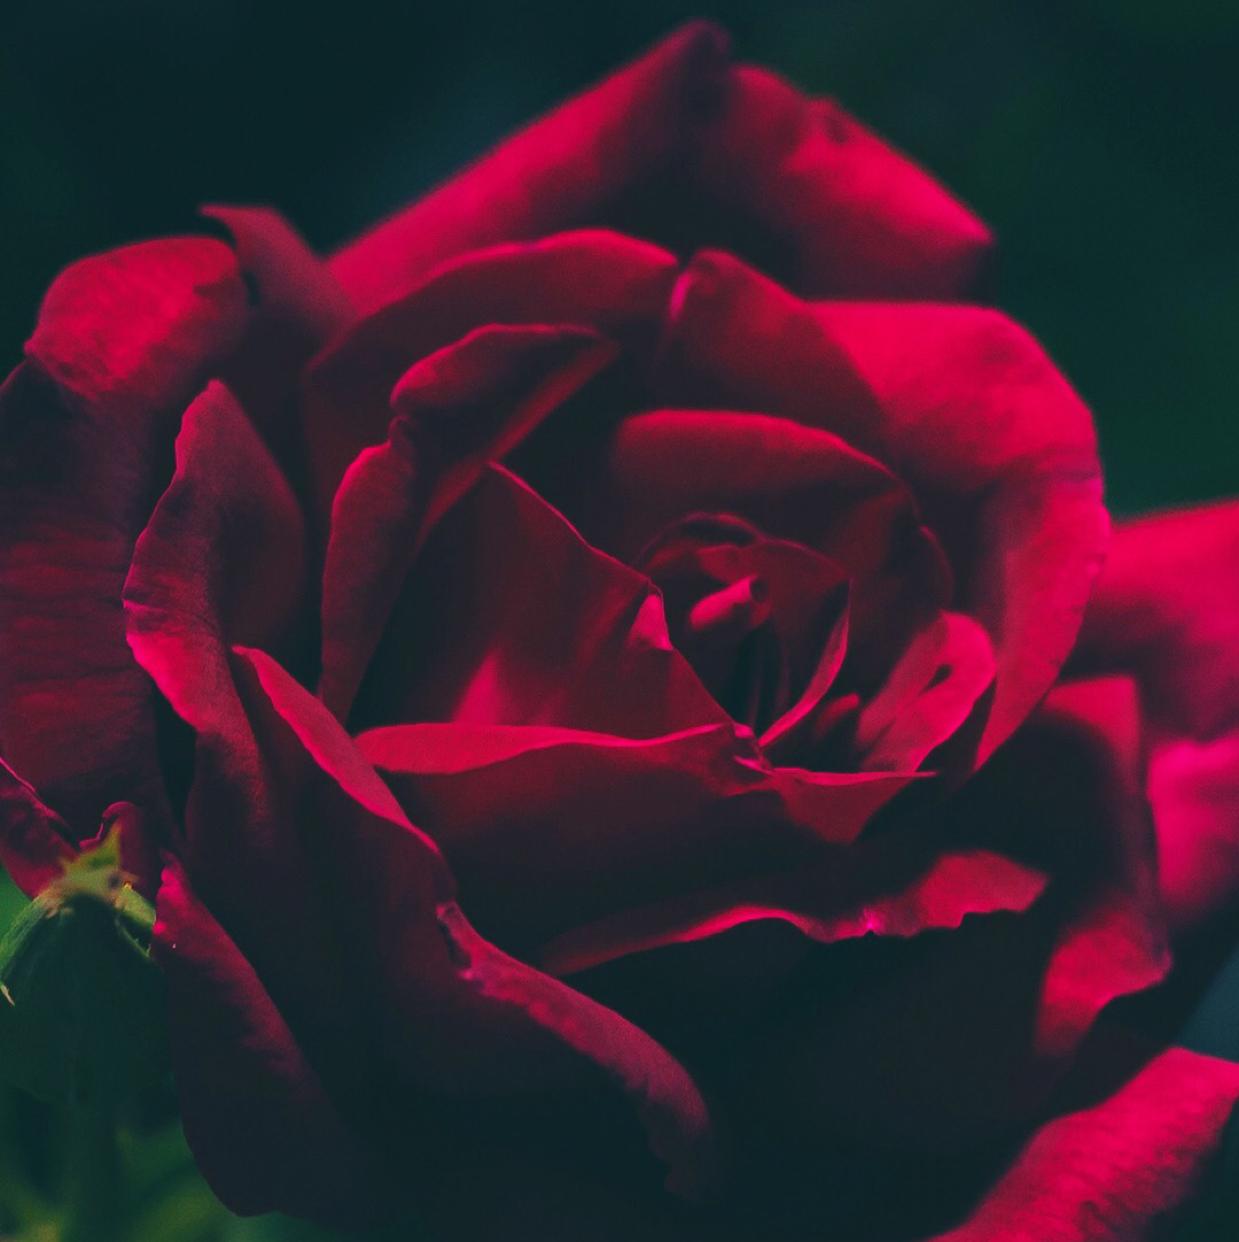 Queen_Rose